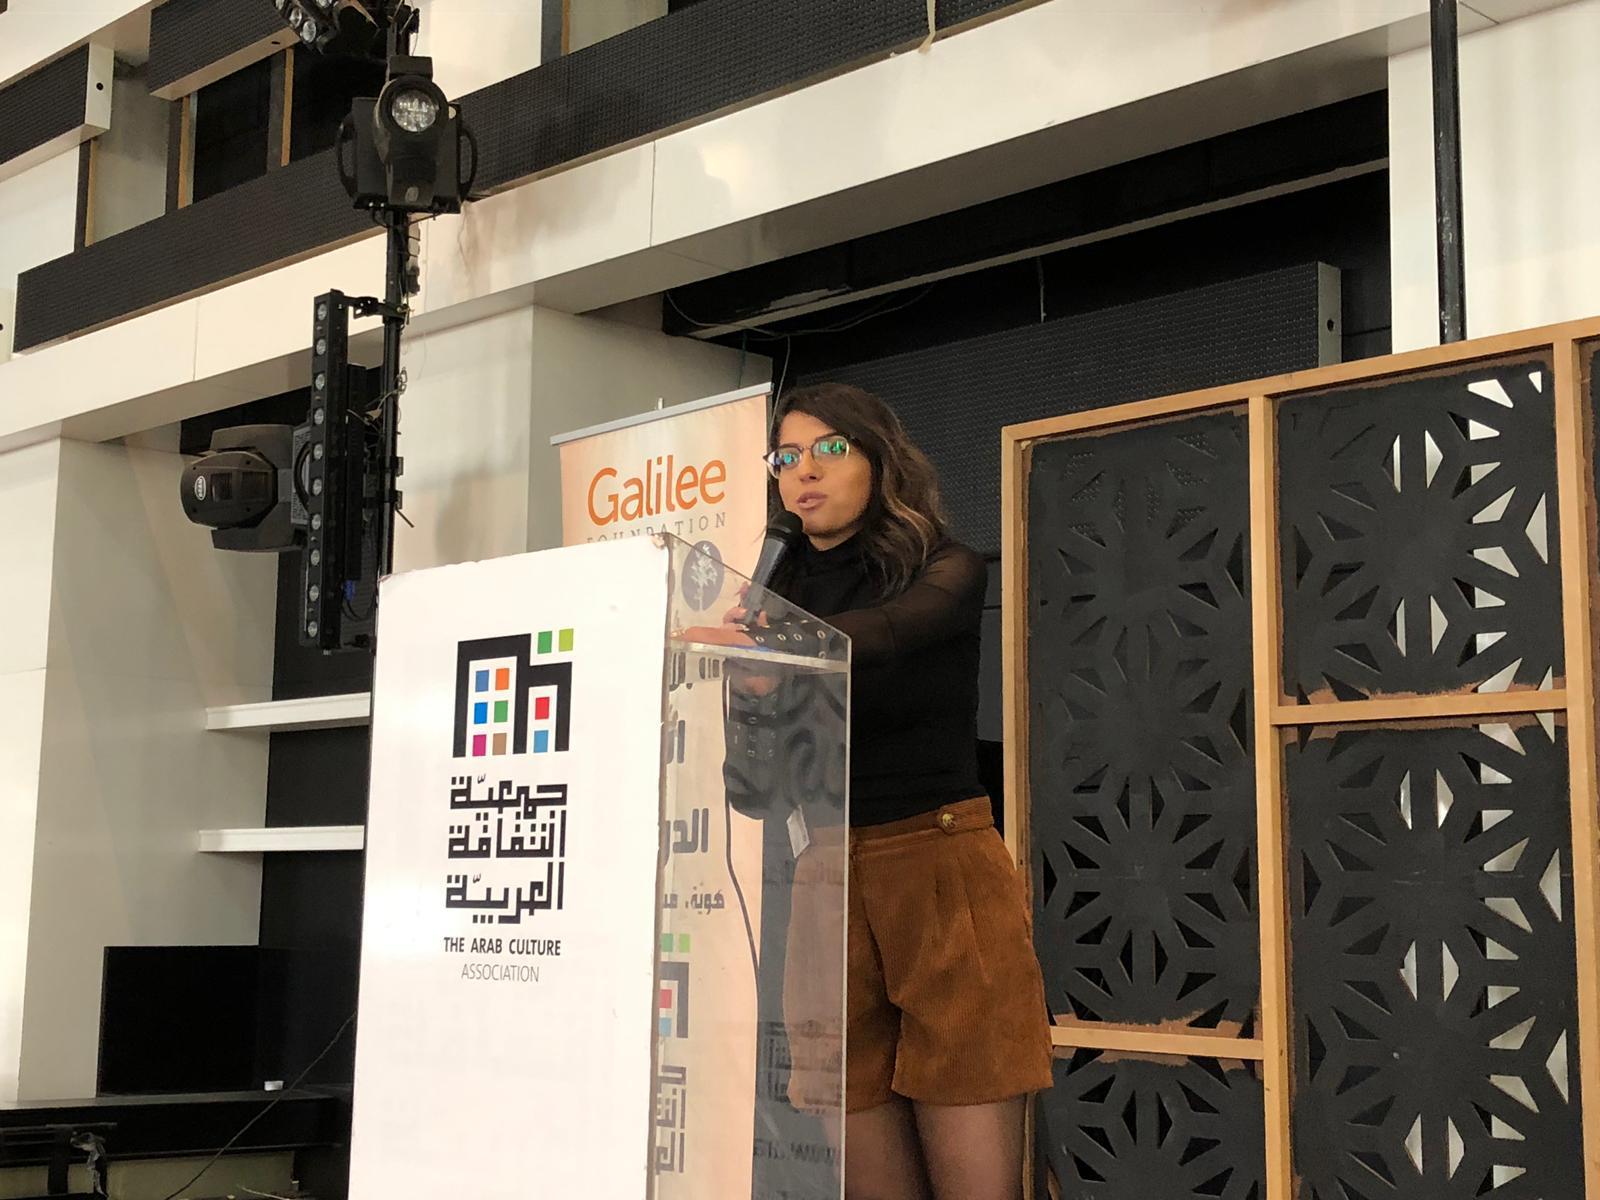 جمعية الثقافة العربية: 250 منحة على اسم روضة بشارة عطا الله